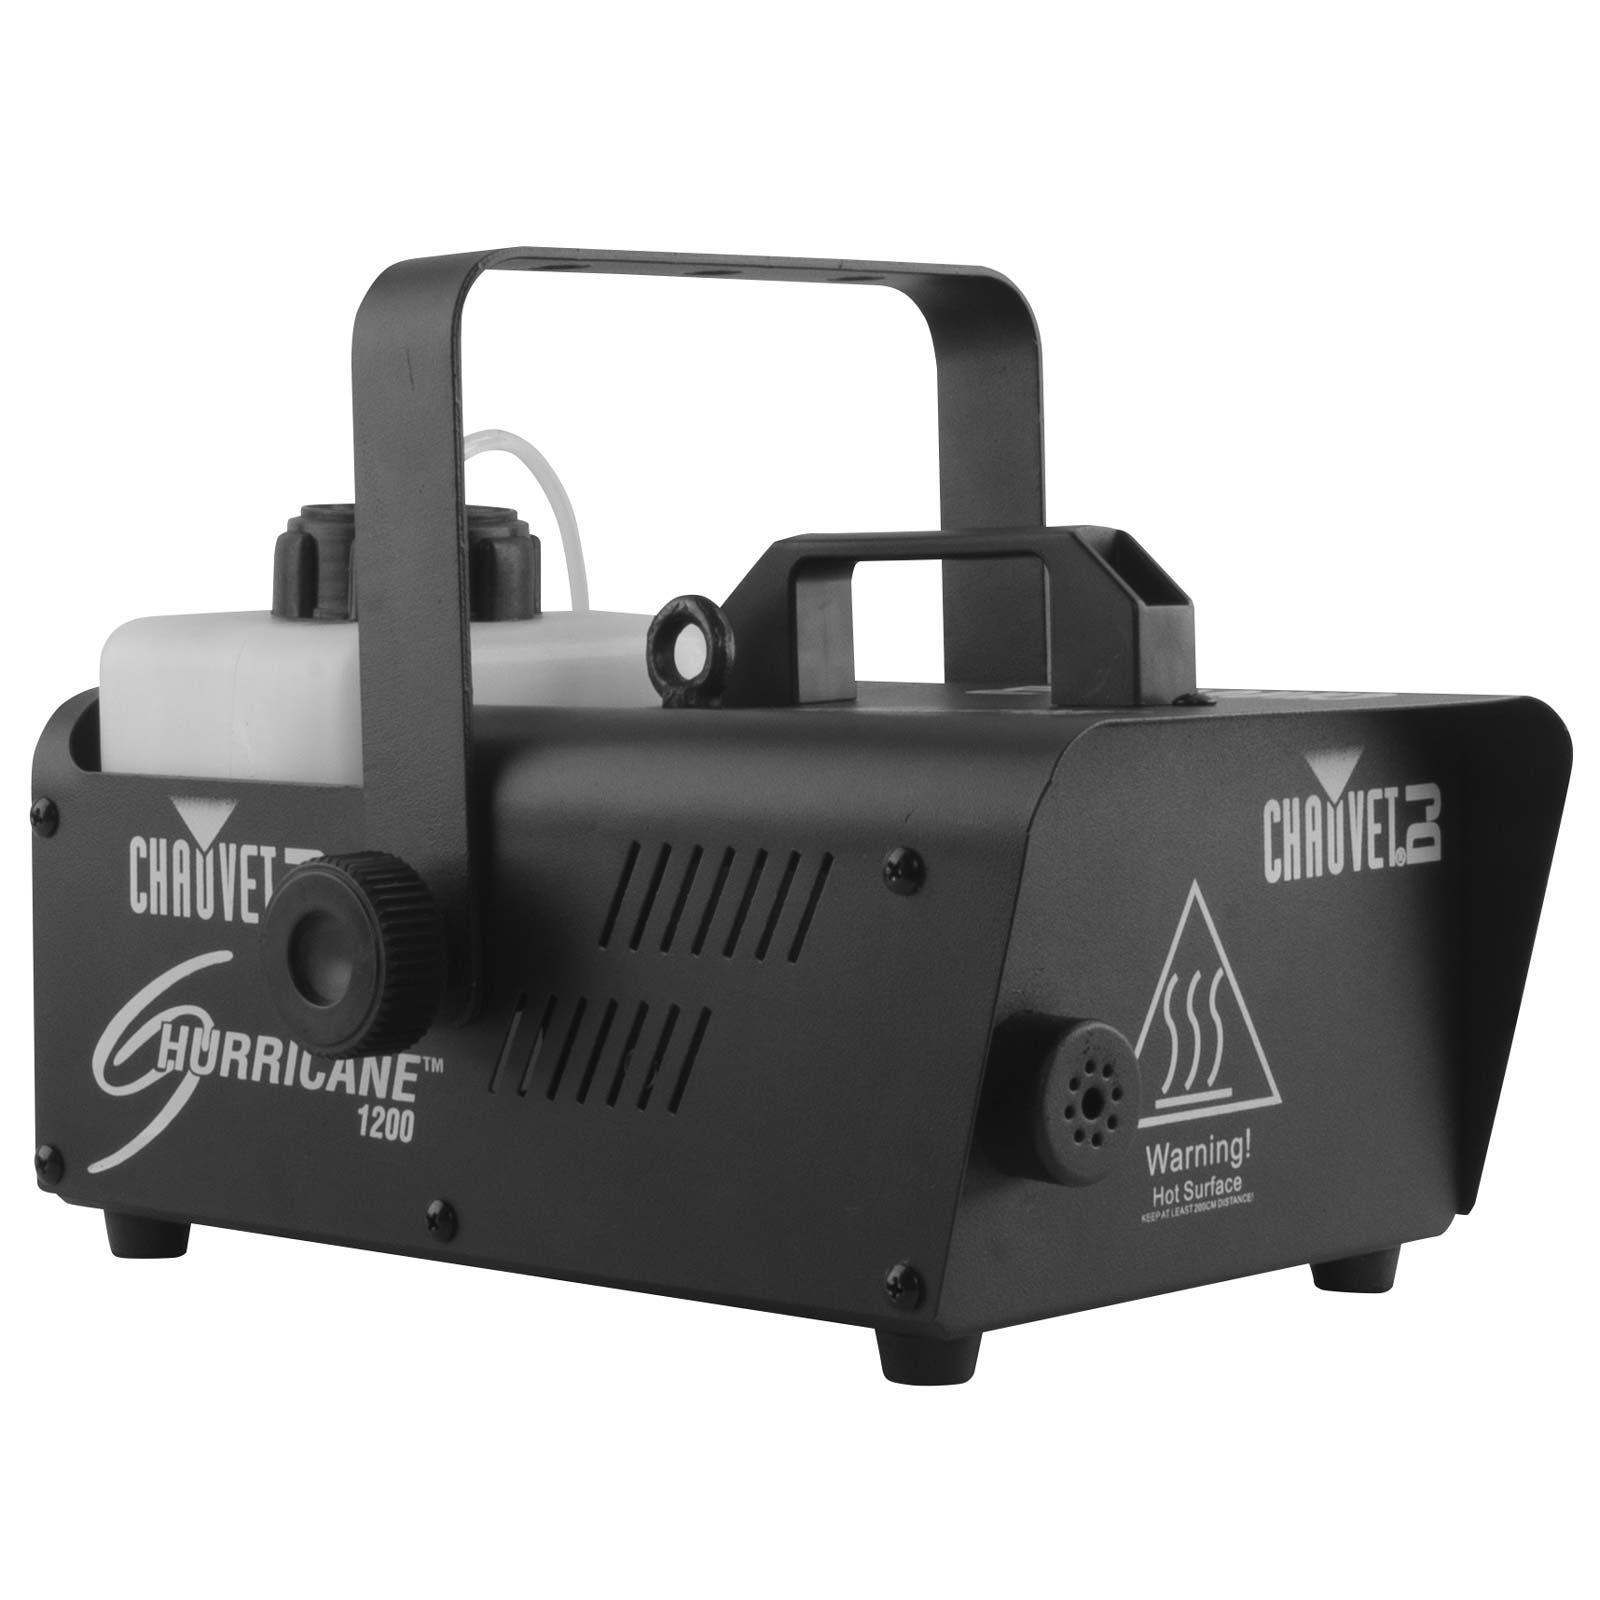 chauvet hurricane 1200 fog machine